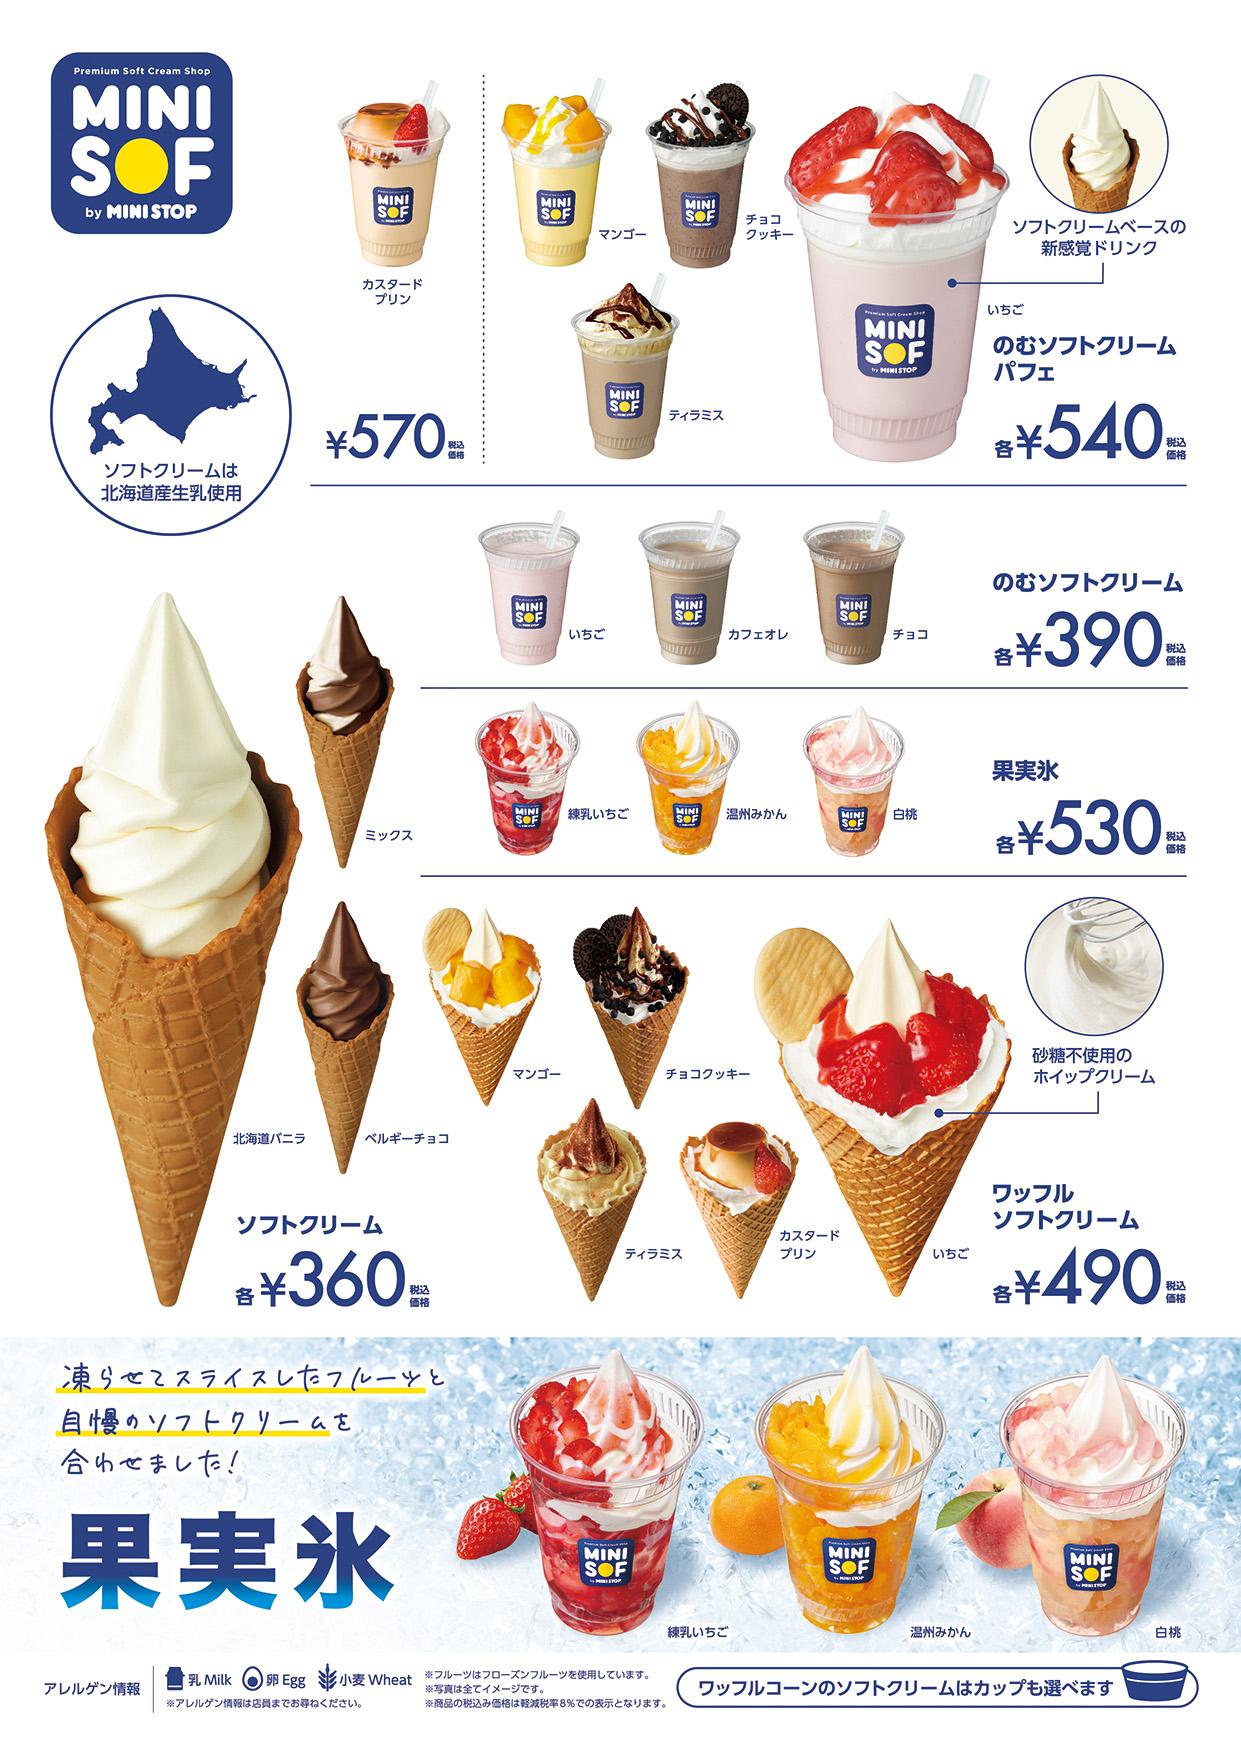 5/29、吉祥寺サンロードにオープンするミニストップのソフトクリーム専門店「ミニソフ」。外観がほぼ完成&20種類のメニューが判明! なめらかな口当たり、氷の粒感とミルク感の「のむソフトクリーム」、大きめのワイドワッフルコーンを使った「ワッフルソフトクリーム」等